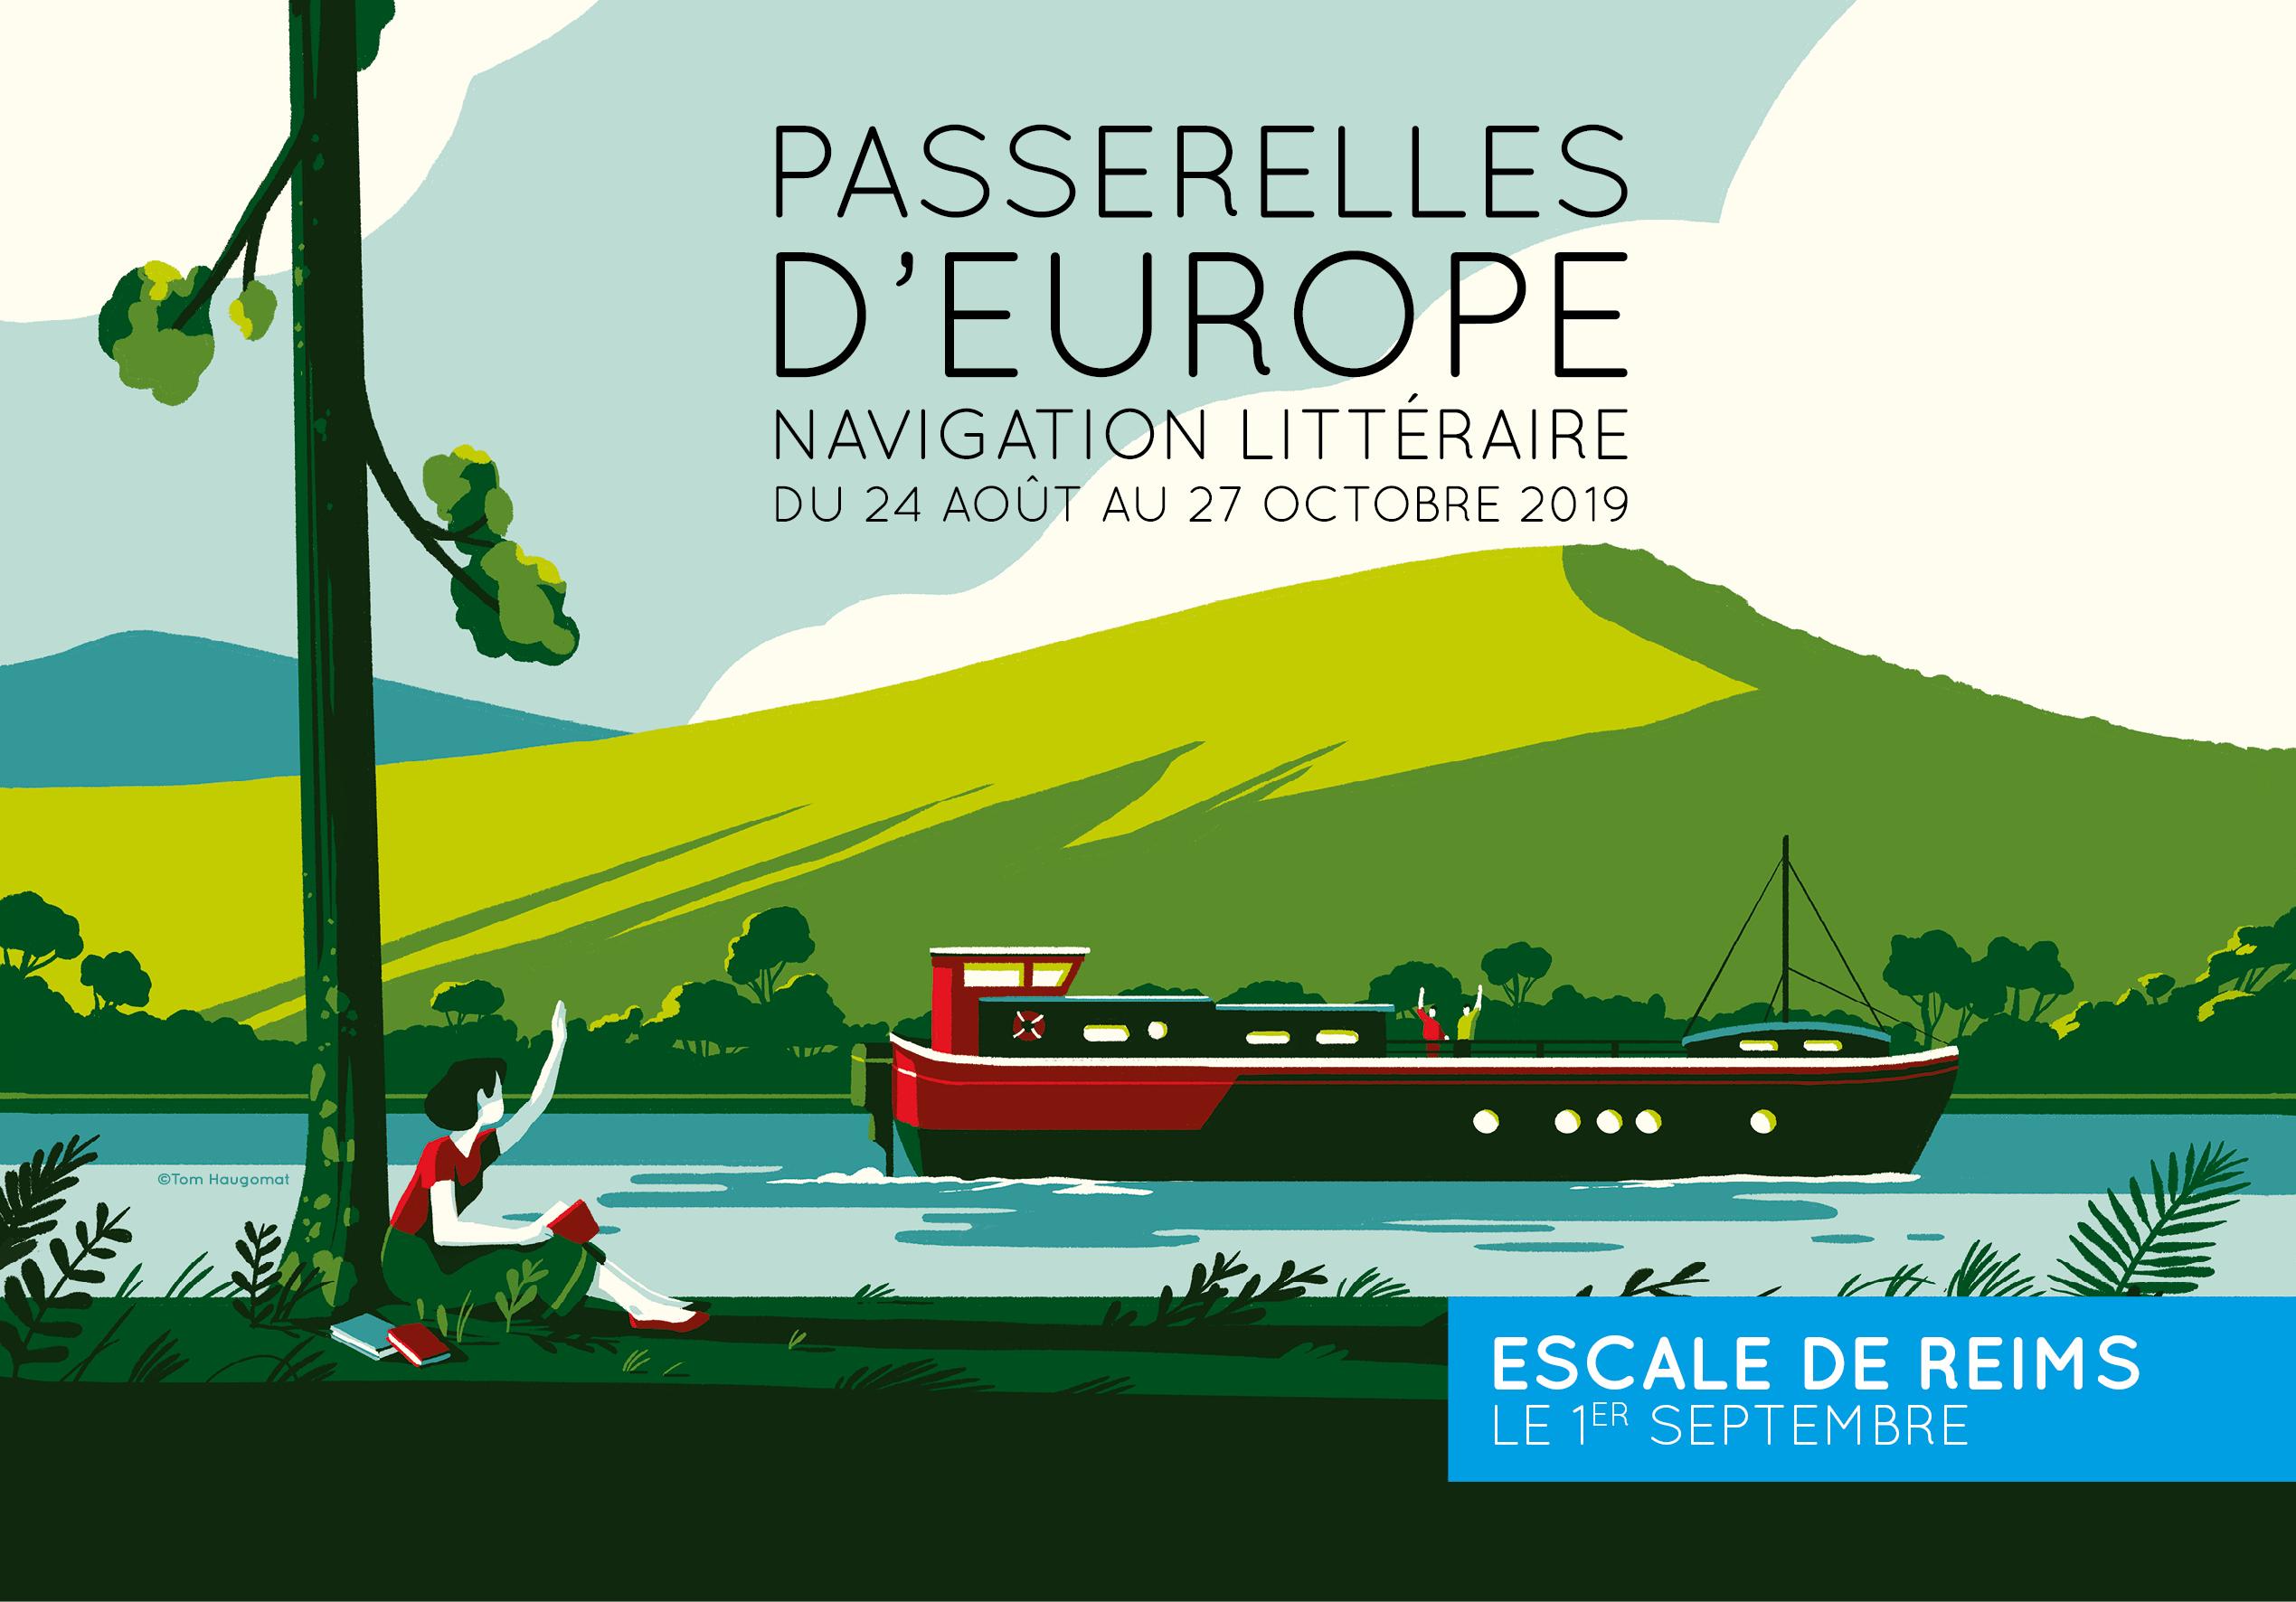 Passerelles d'Europe : navigation littéraire